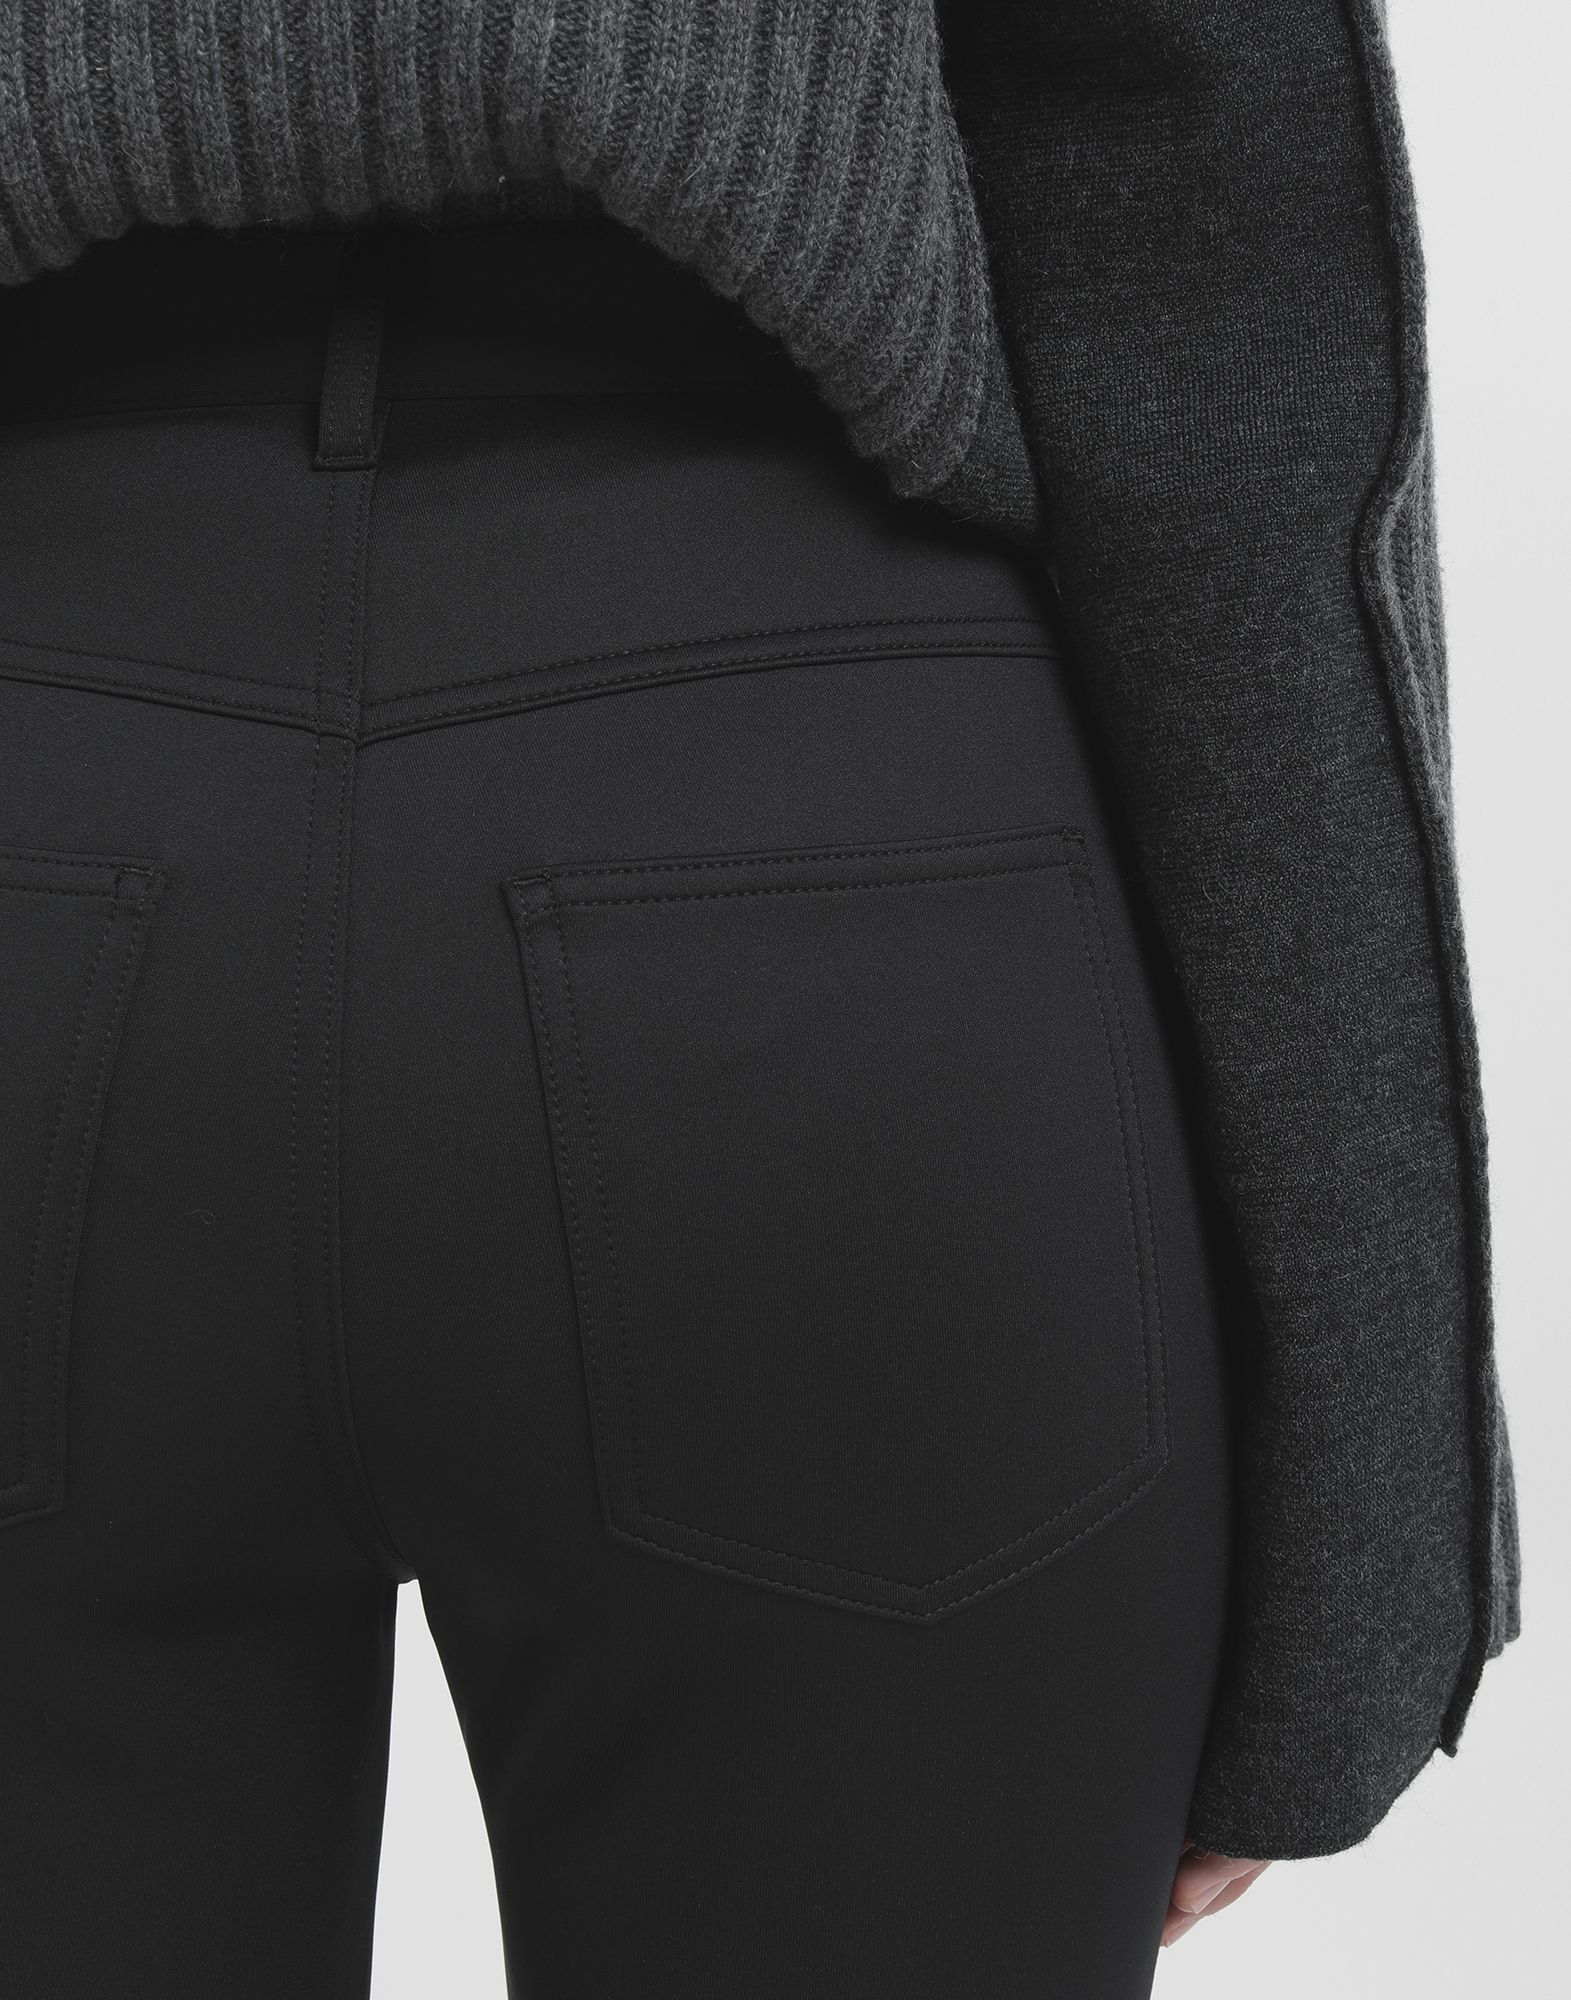 MAISON MARGIELA Skinny neoprene pants Casual pants Woman e